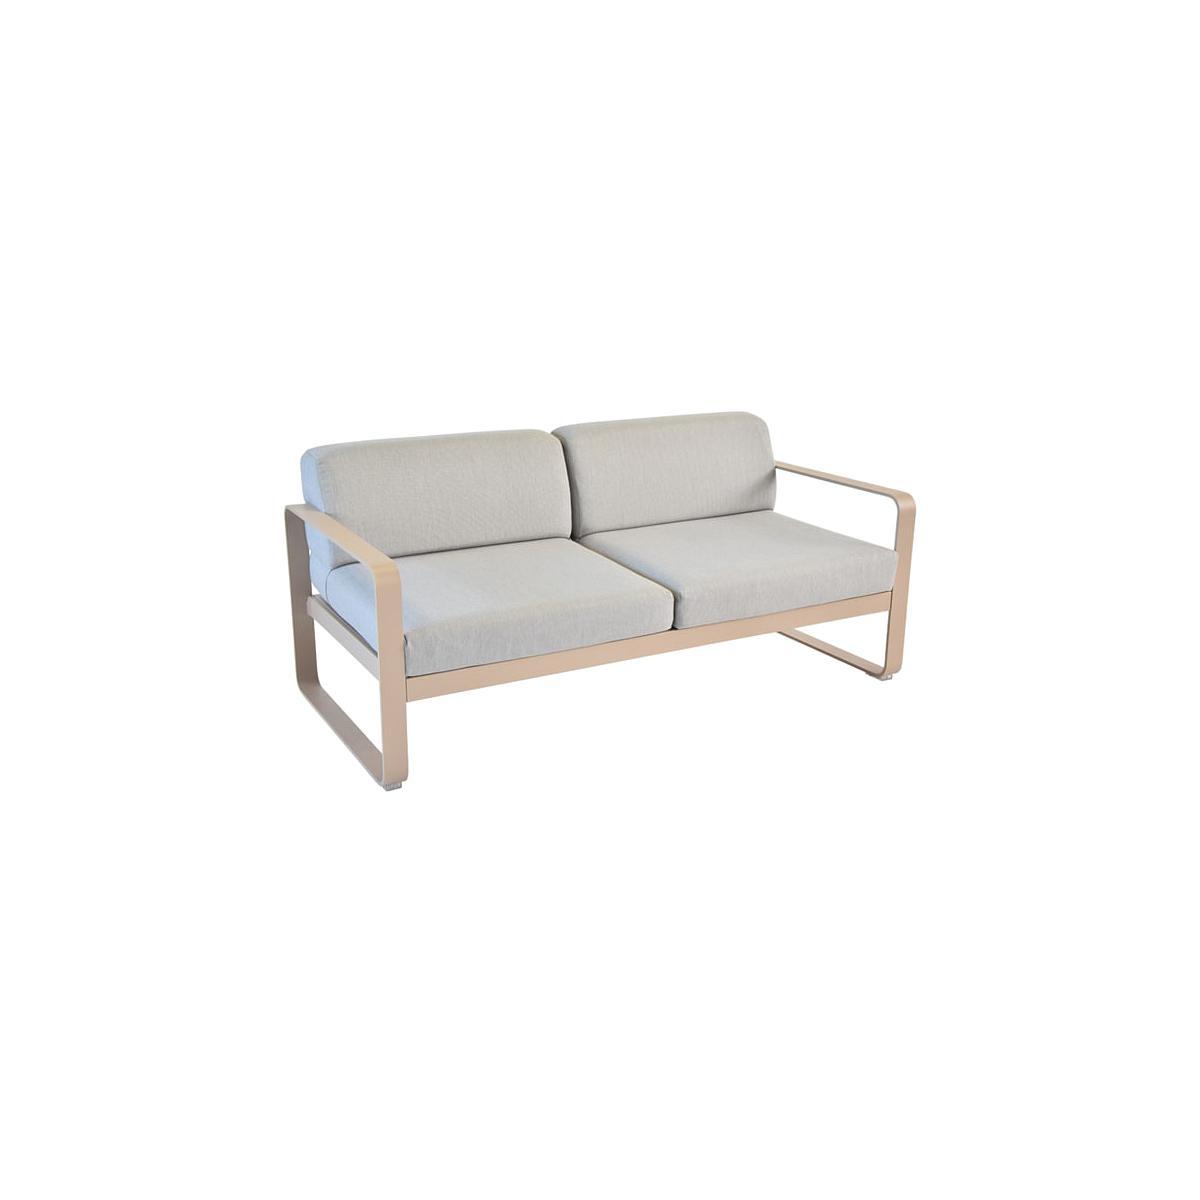 Canapé de jardin BELLEVIE Fermob MUSCADE coussins gris flanelle